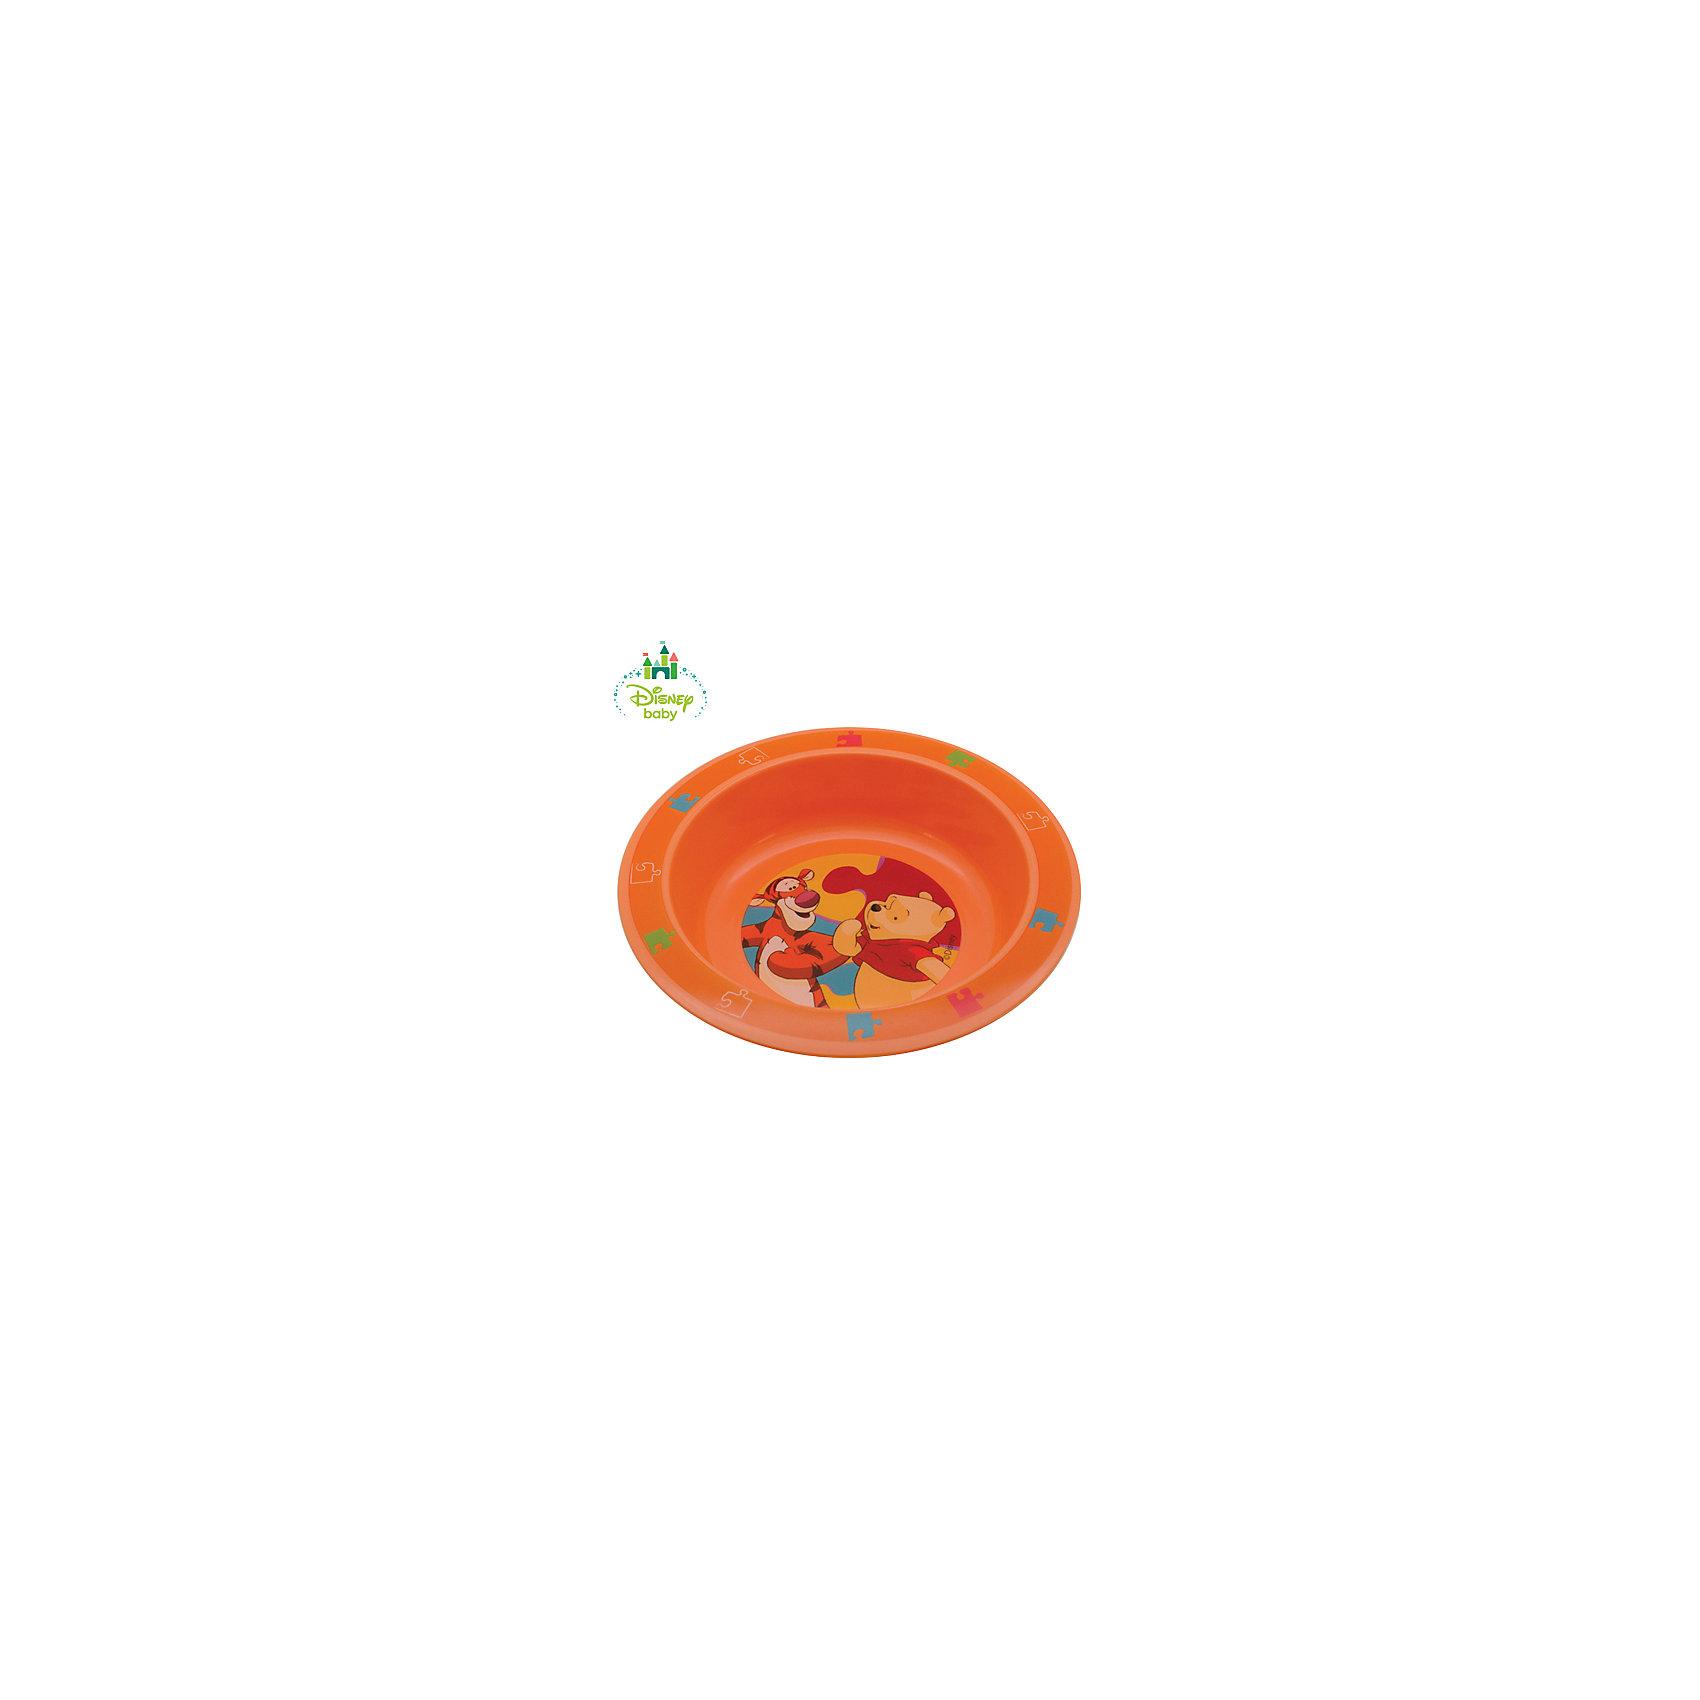 Тарелка Медвежонок Винни DISNEY от 6 мес., LUBBY, оранжевыйТарелка Медвежонок Винни DISNEY от 6 мес., LUBBY, оранжевый.<br><br>Характеристики:<br><br>- Размер: 17,5х3 см.<br>- Цвет: оранжевый<br>- Материал: полипропилен<br>- Размер упаковки: 45х210х177 мм.<br>- Срок службы: 1 год<br><br>Тарелка Медвежонок Винни выполнена из высококачественного пищевого полипропилена - нетоксичного и безопасного для здоровья малыша материала. Глубина тарелки позволяет кушать из нее супы, кашки и различные жидкие по консистенции блюда. Нарисованный на дне тарелки забавный Винни Пух побуждает малыша доесть до конца и превращает прием пищи в игру.<br><br>Тарелку Медвежонок Винни DISNEY от 6 мес., LUBBY, оранжевую можно купить в нашем интернет-магазине.<br><br>Ширина мм: 45<br>Глубина мм: 210<br>Высота мм: 177<br>Вес г: 350<br>Возраст от месяцев: 6<br>Возраст до месяцев: 36<br>Пол: Унисекс<br>Возраст: Детский<br>SKU: 5039270